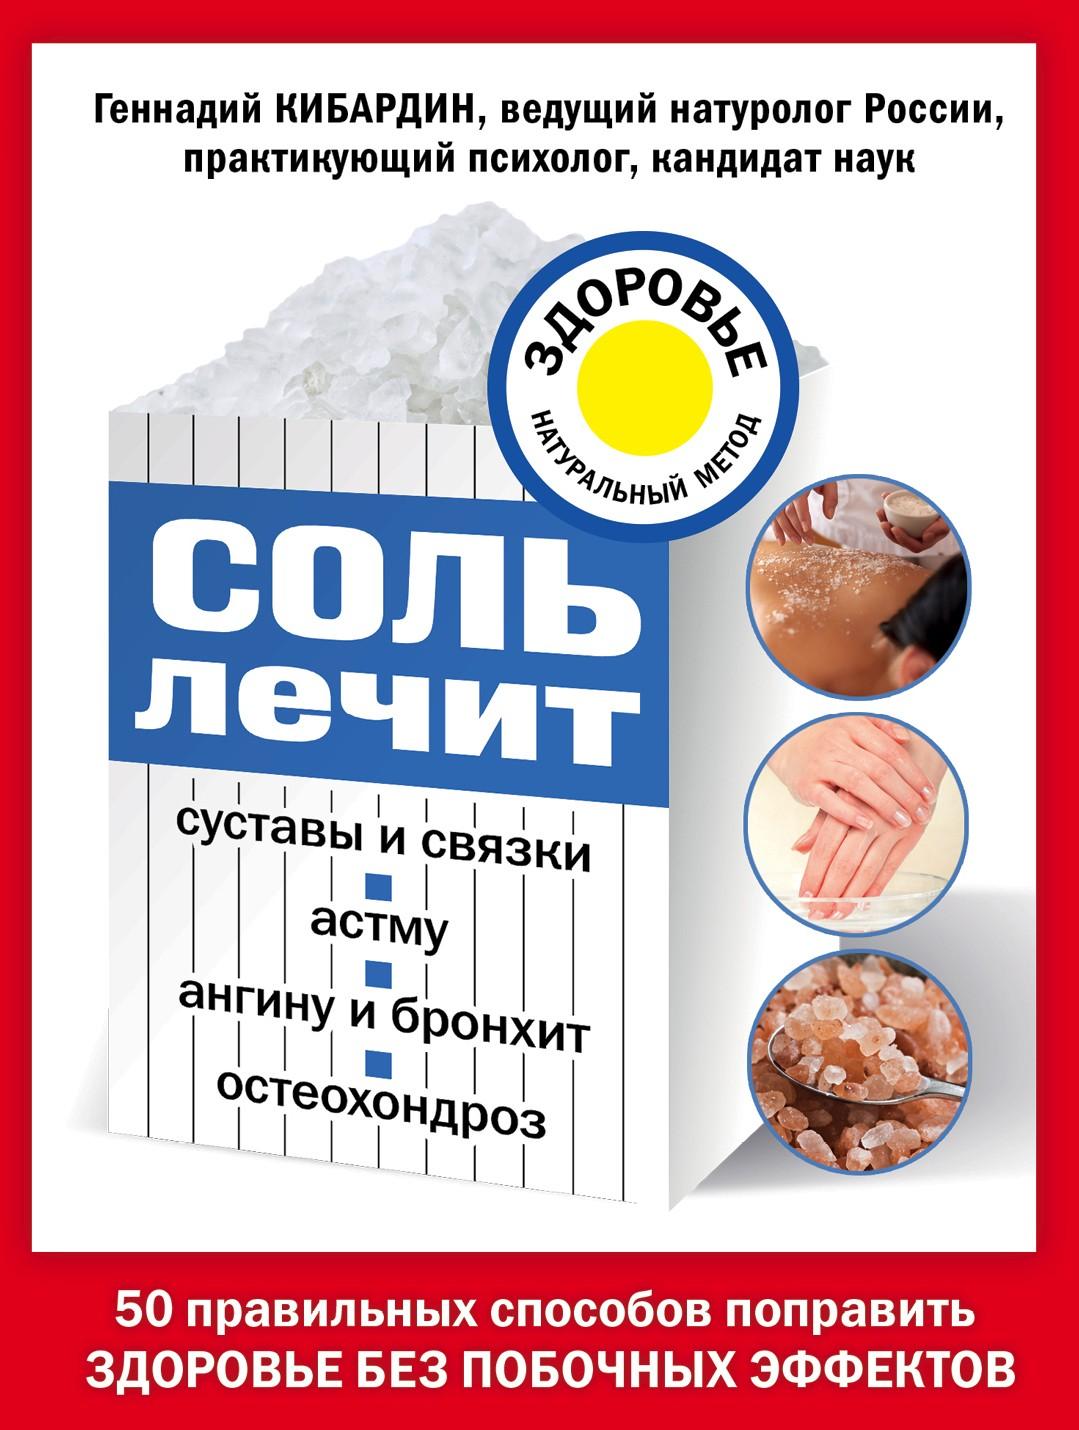 Соль лечит суставы и связки, астму, ангину и бронхит, остеохондроз